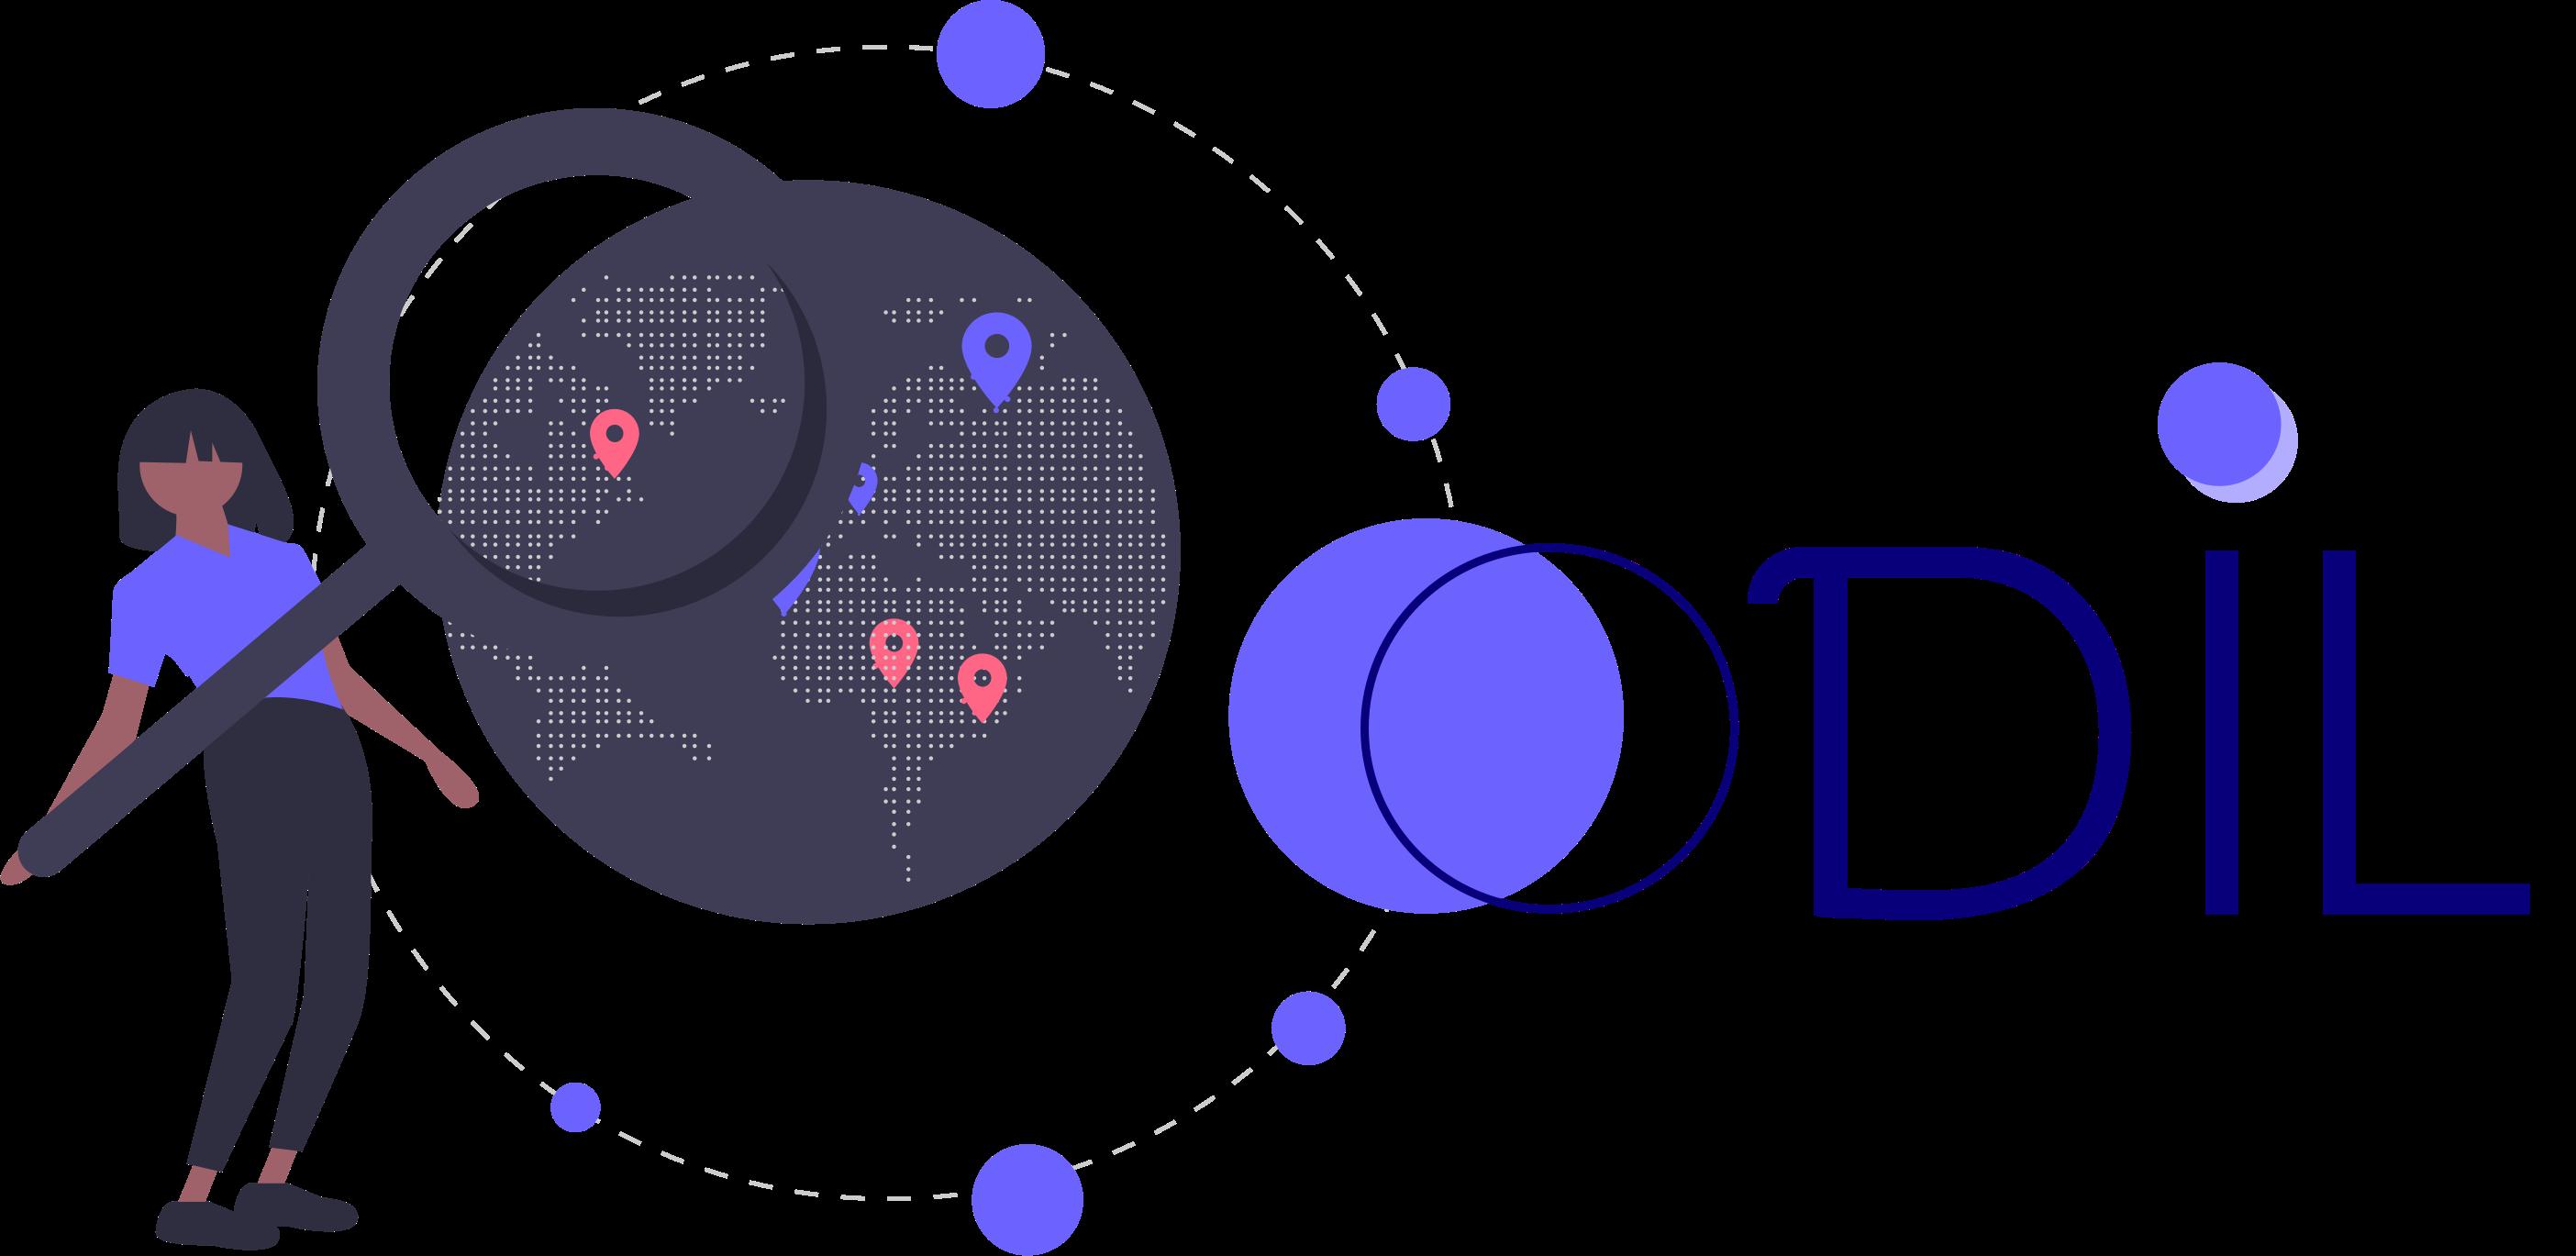 Bienvenue sur le nouveau site d'ODIL